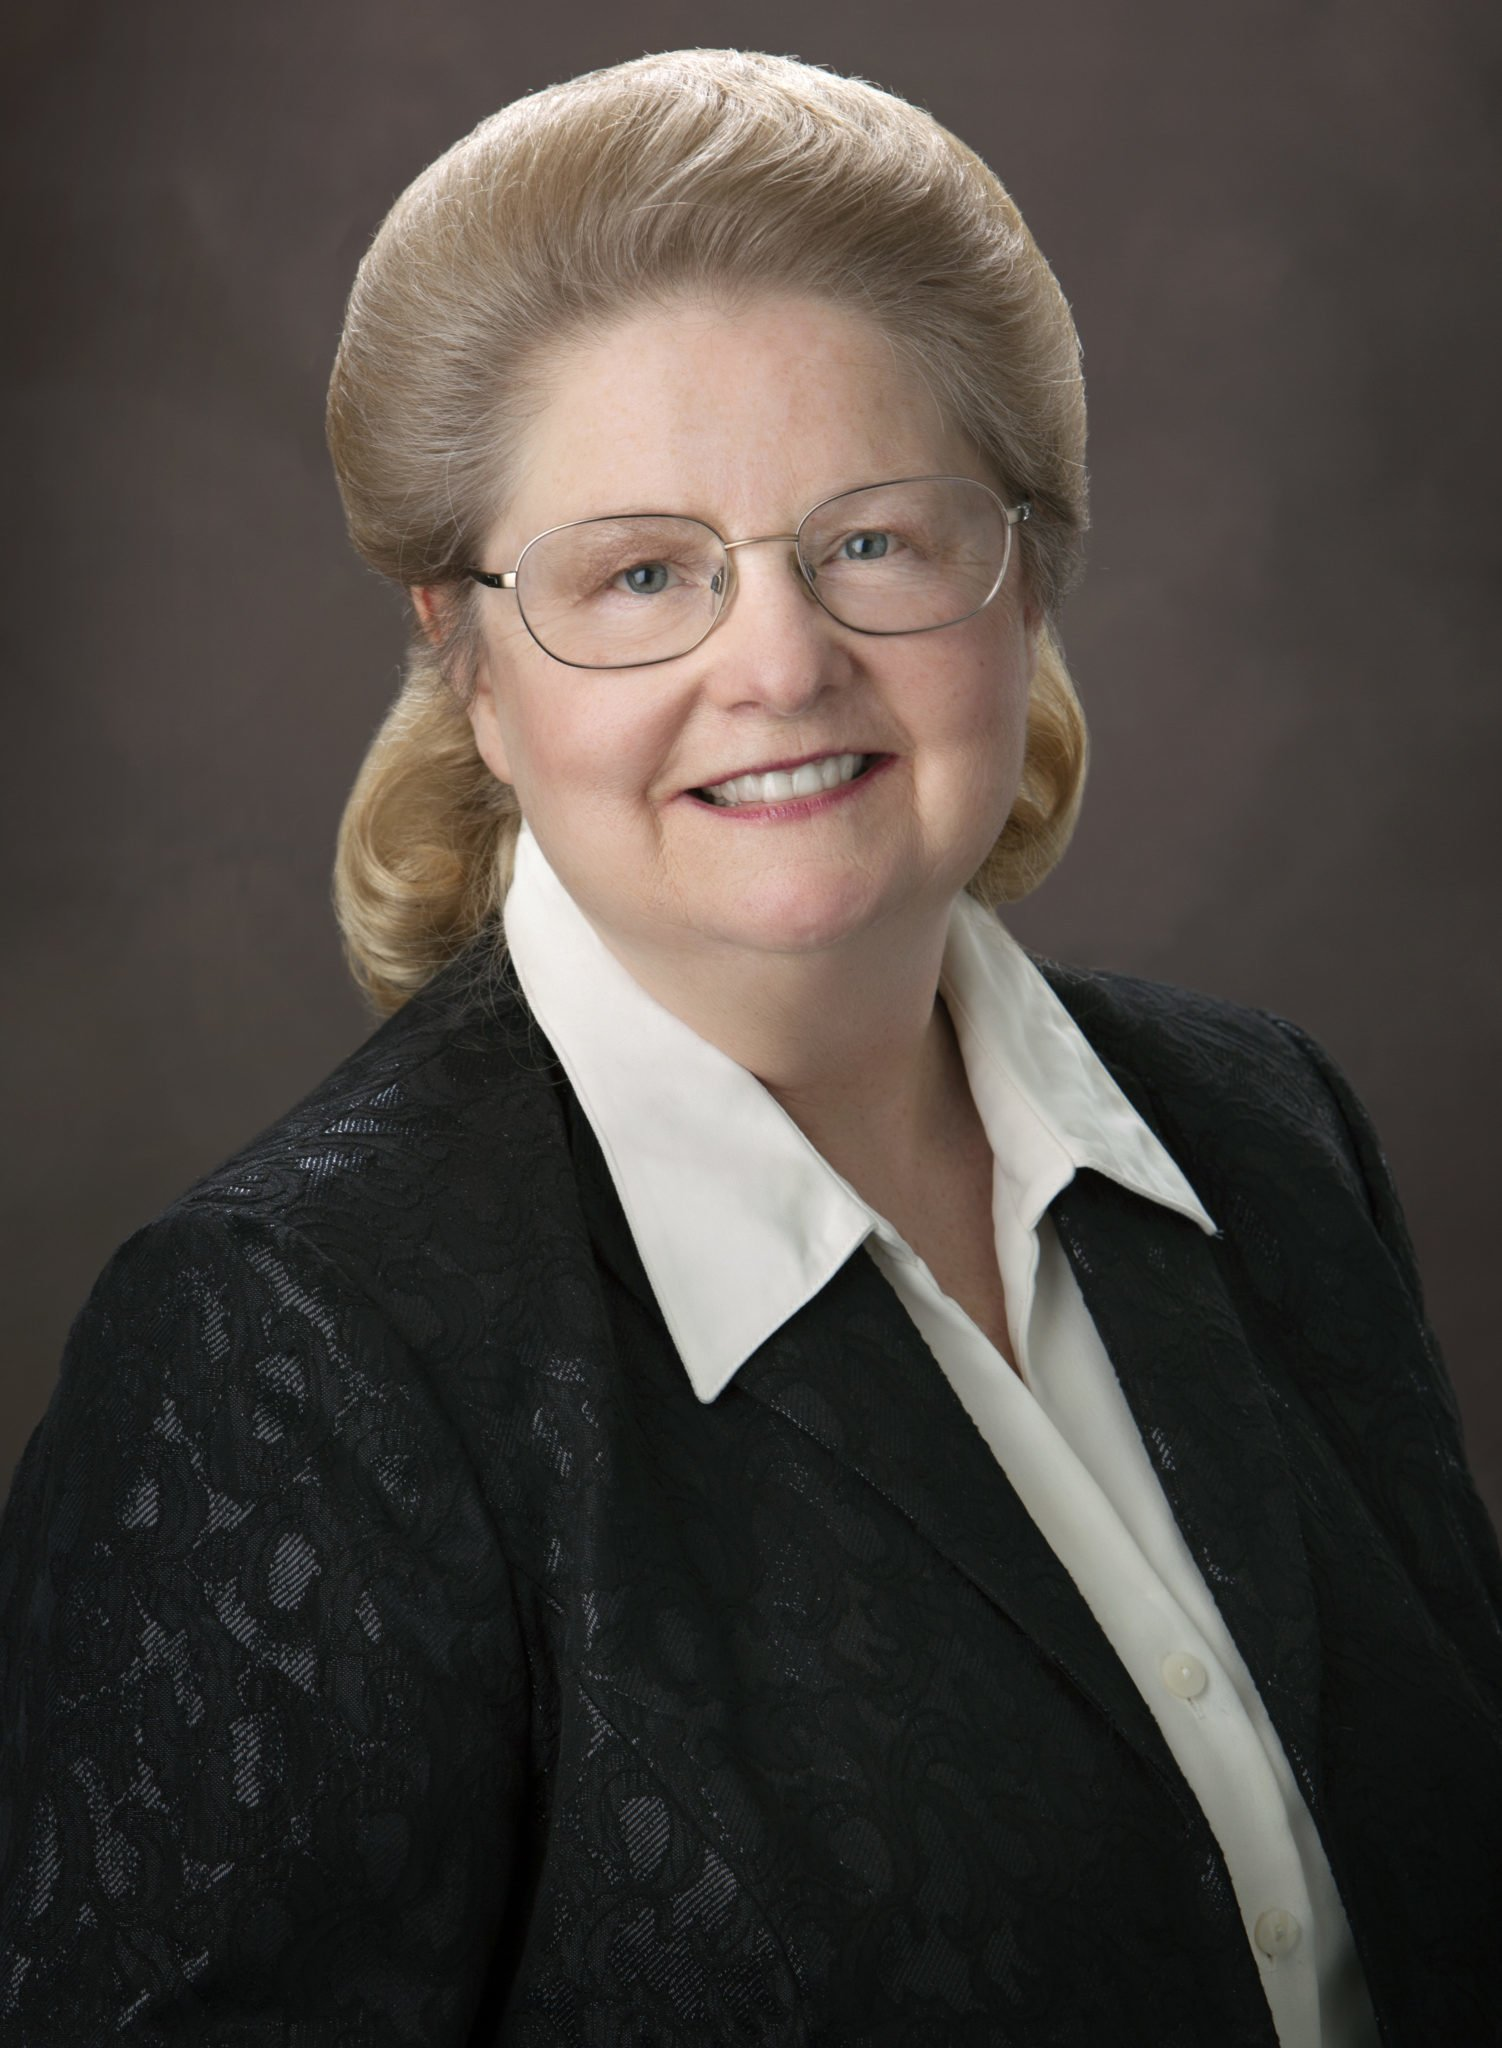 Maggie Barton